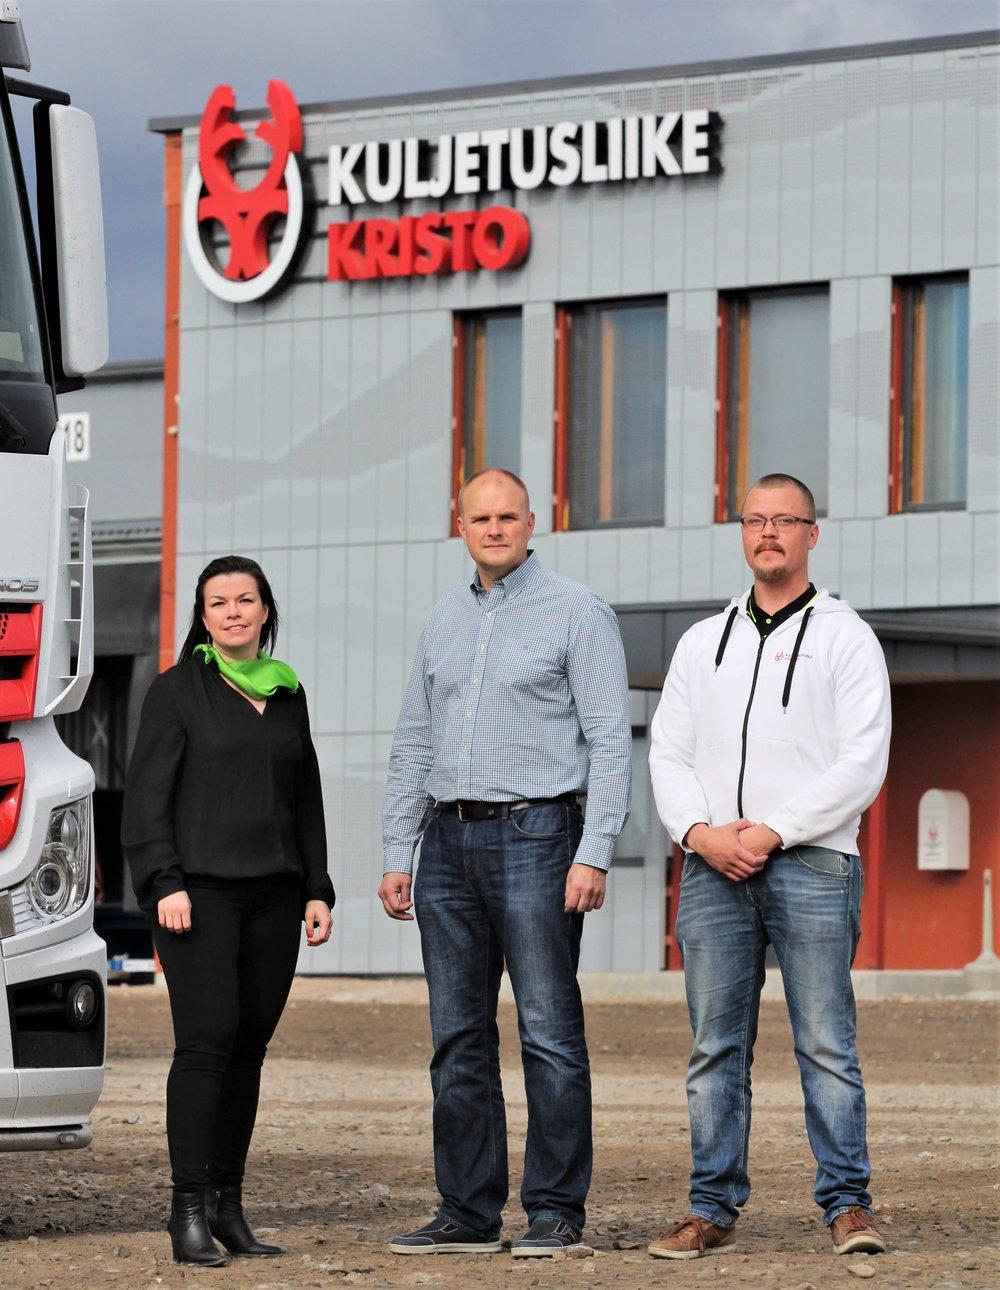 Riku Niemelä | Kuljetusliike Kristo & Kumpp Oy - (kuvassa keskellä)